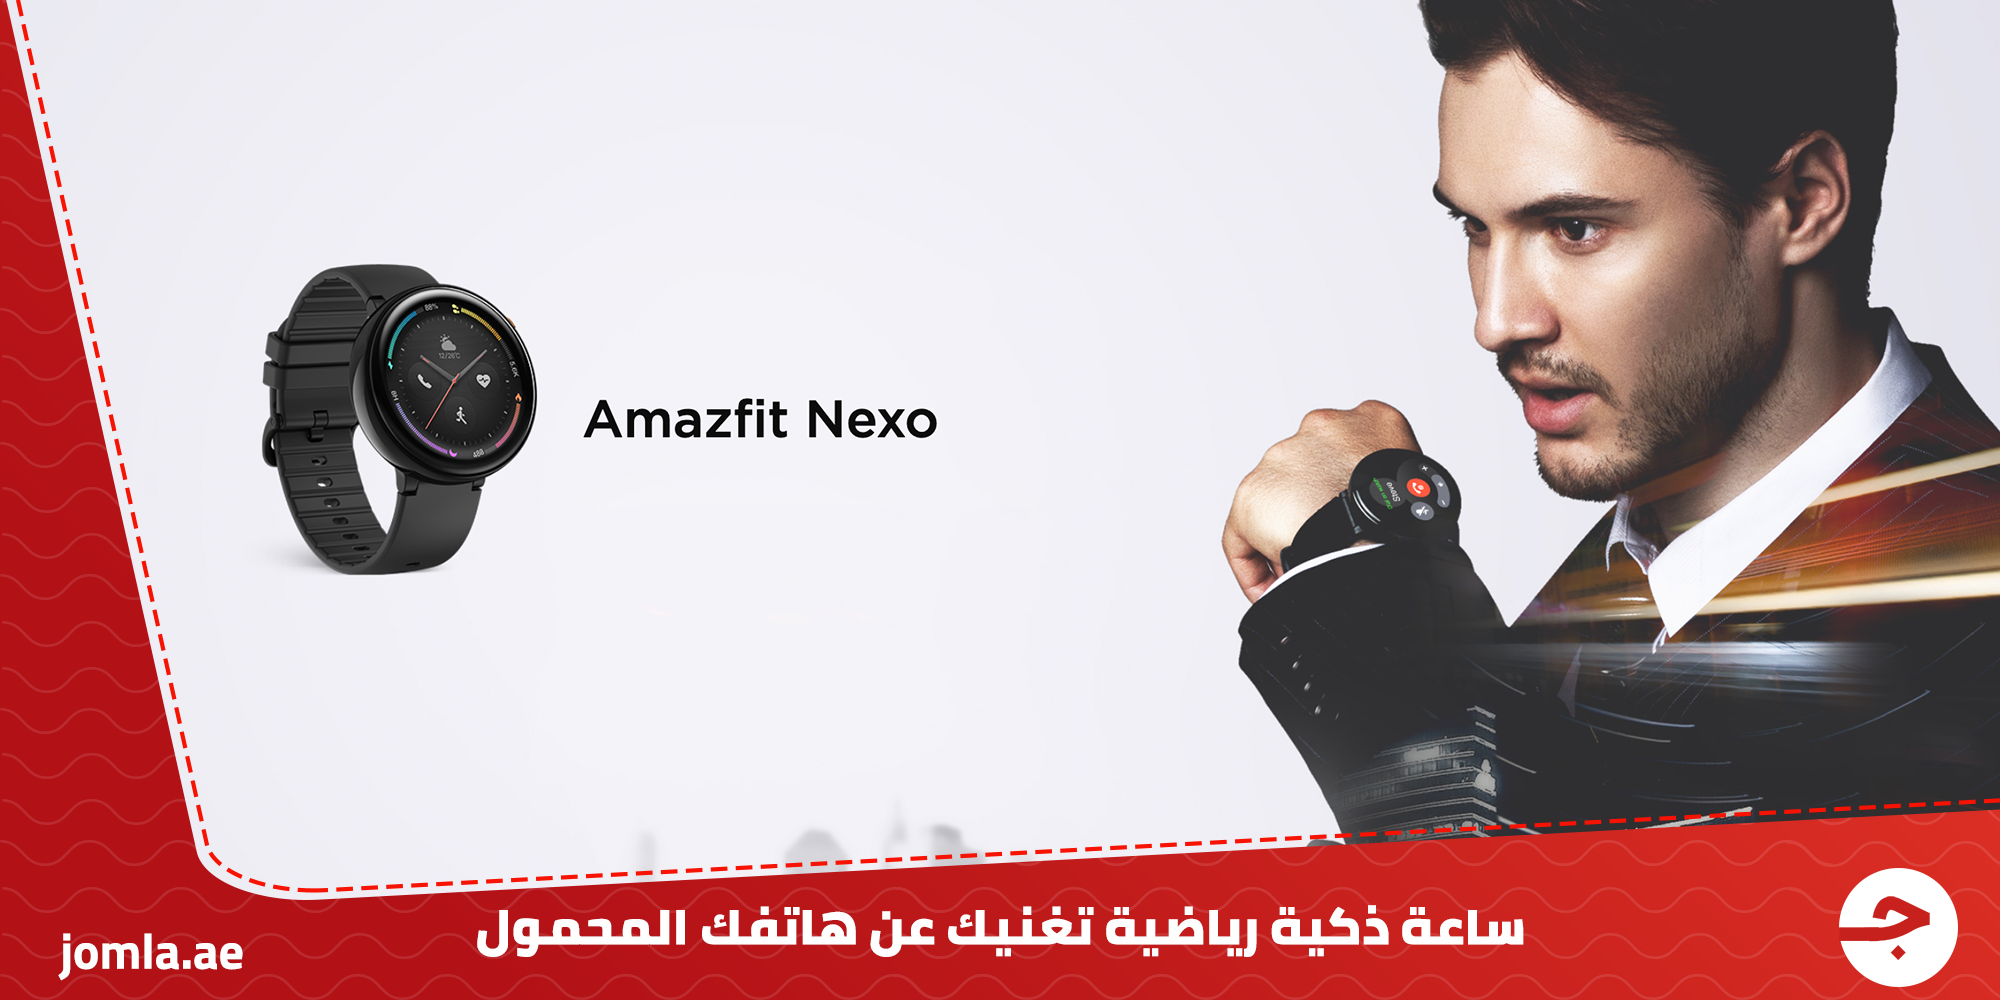 Amazfit Nexo ساعة ذكية رياضية تغنيك عن هاتفك المحمول